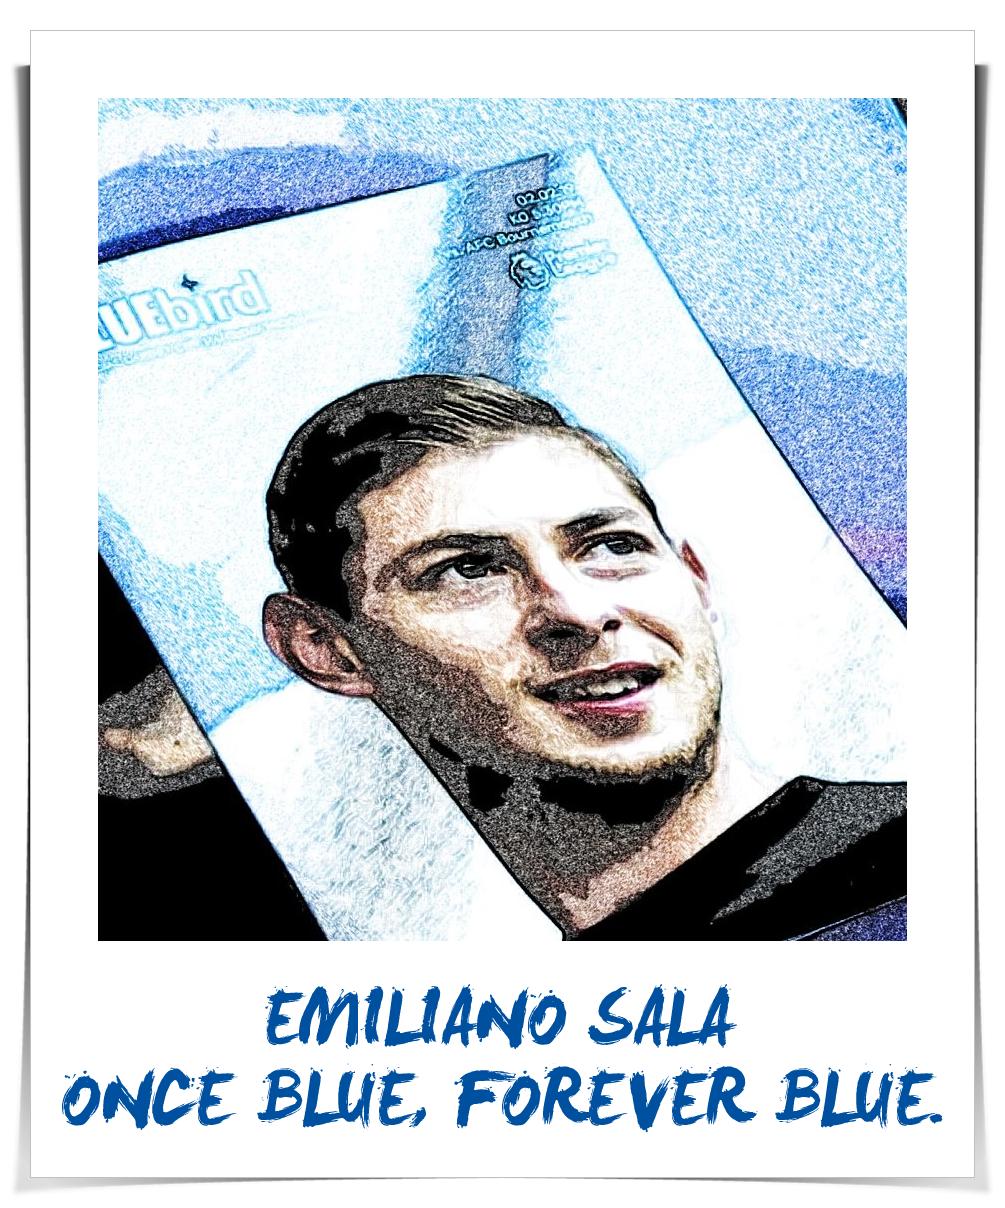 EMILIANO SALA 5